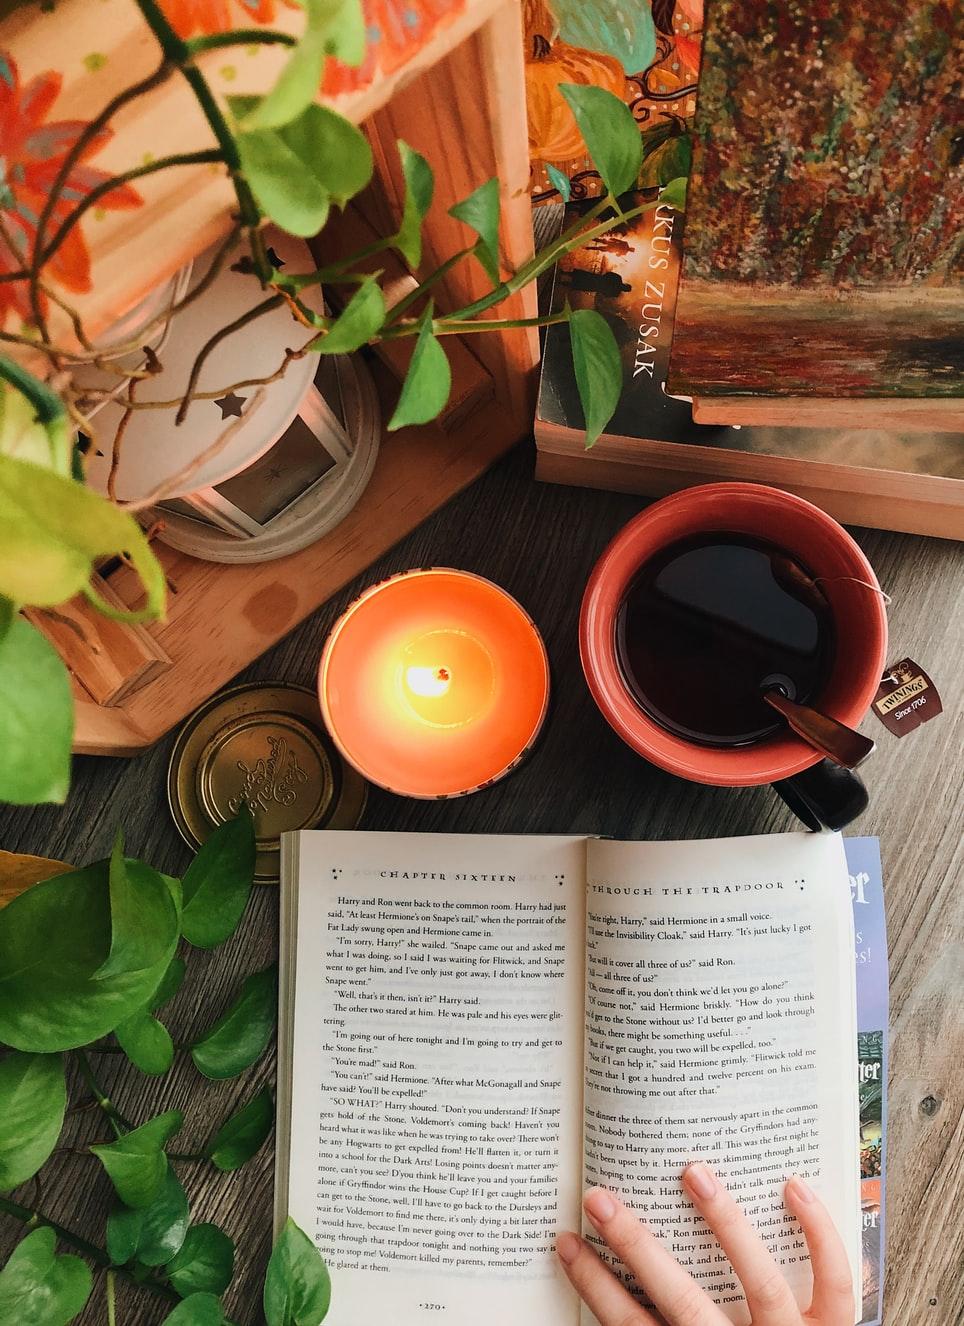 Pořídili jsme do knihovny 17 nových knih 📕📗📘😉 Podzim je za dveřmi a ve�ery se krátí, takže nastává �as zalézt pod deku ☕� a pře�íst si něco hezkého.